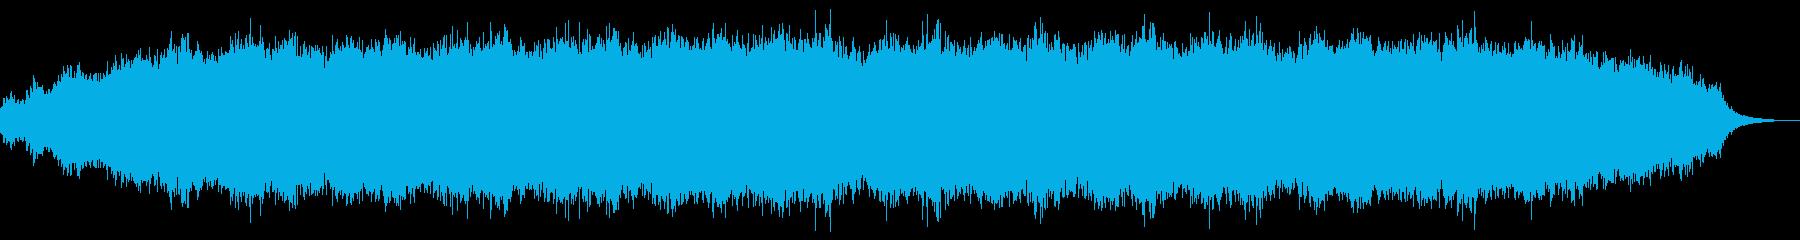 アンビエント 瞑想 ぼんやり 弦楽器の再生済みの波形